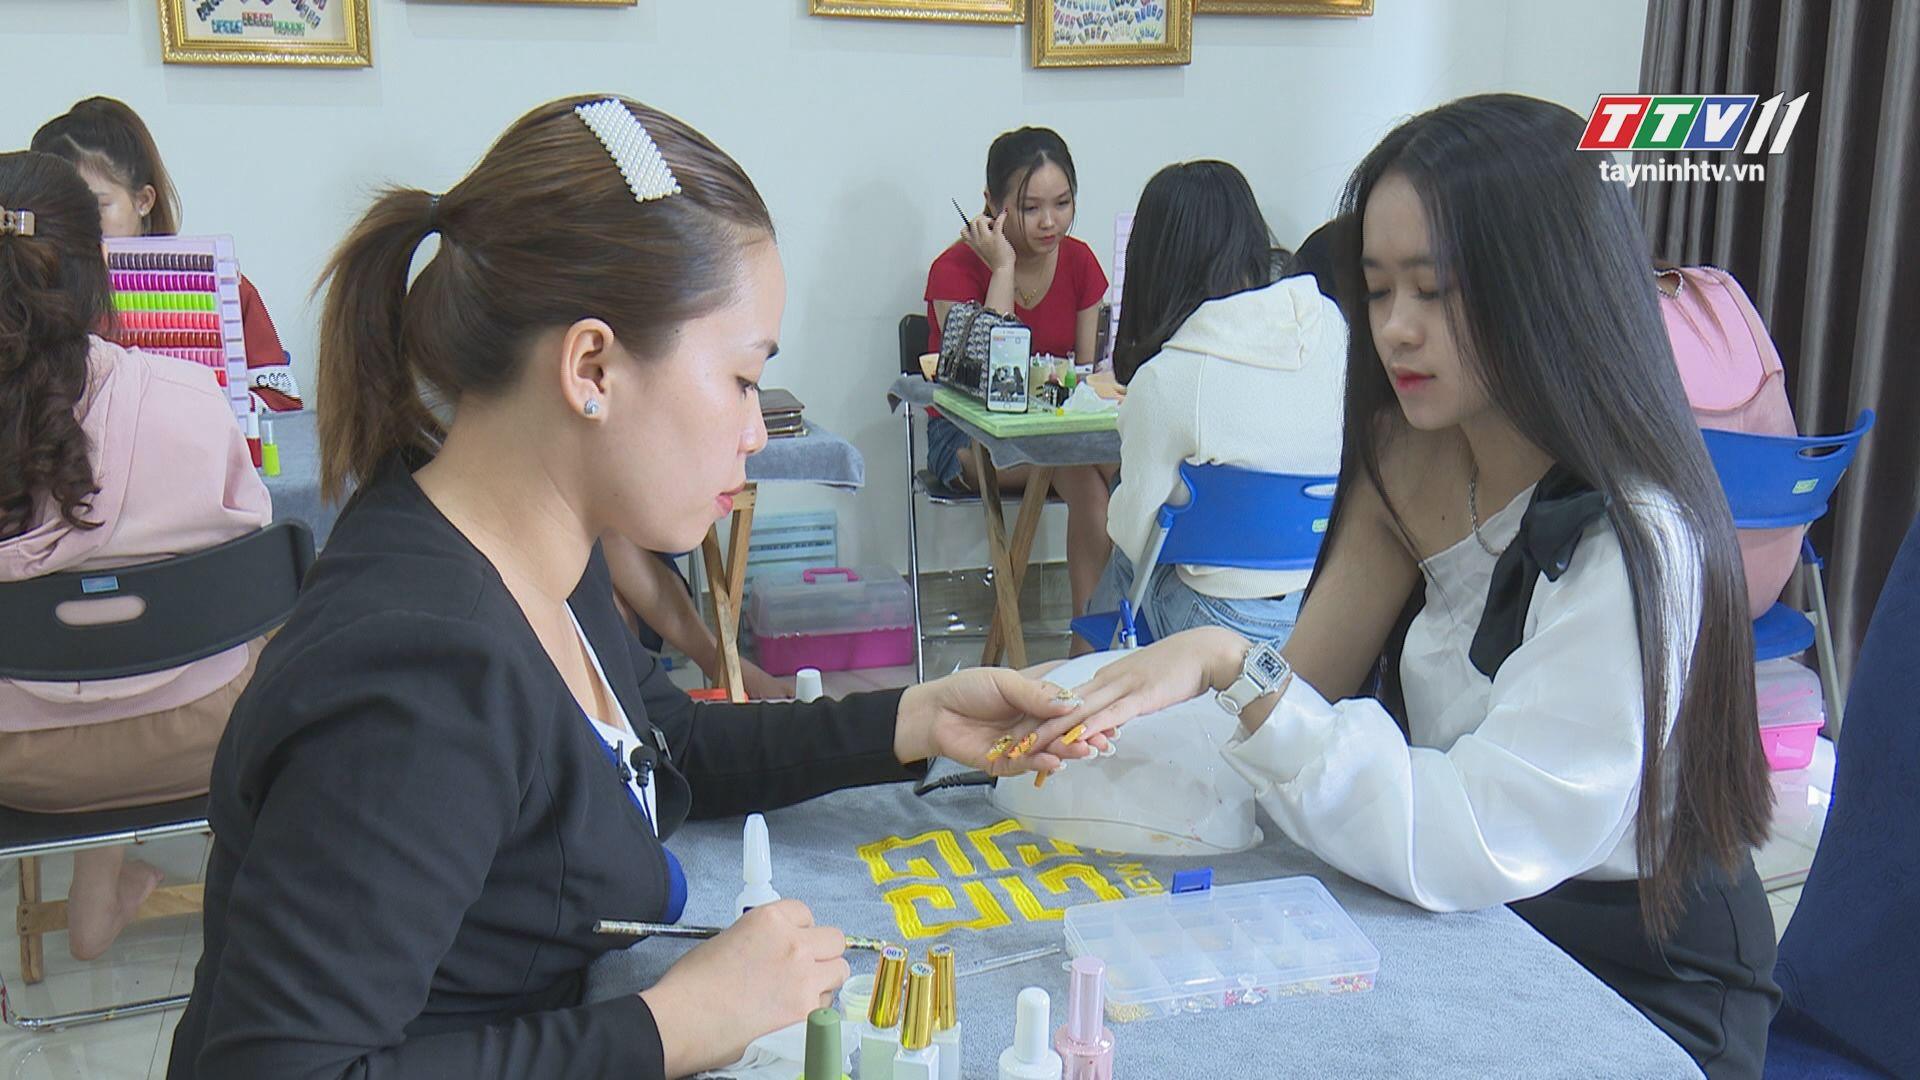 Các hoạt động ý nghĩa của chị em phụ nữ khi Tết đến xuân về | TẠP CHÍ PHỤ NỮ | TayNinhTV